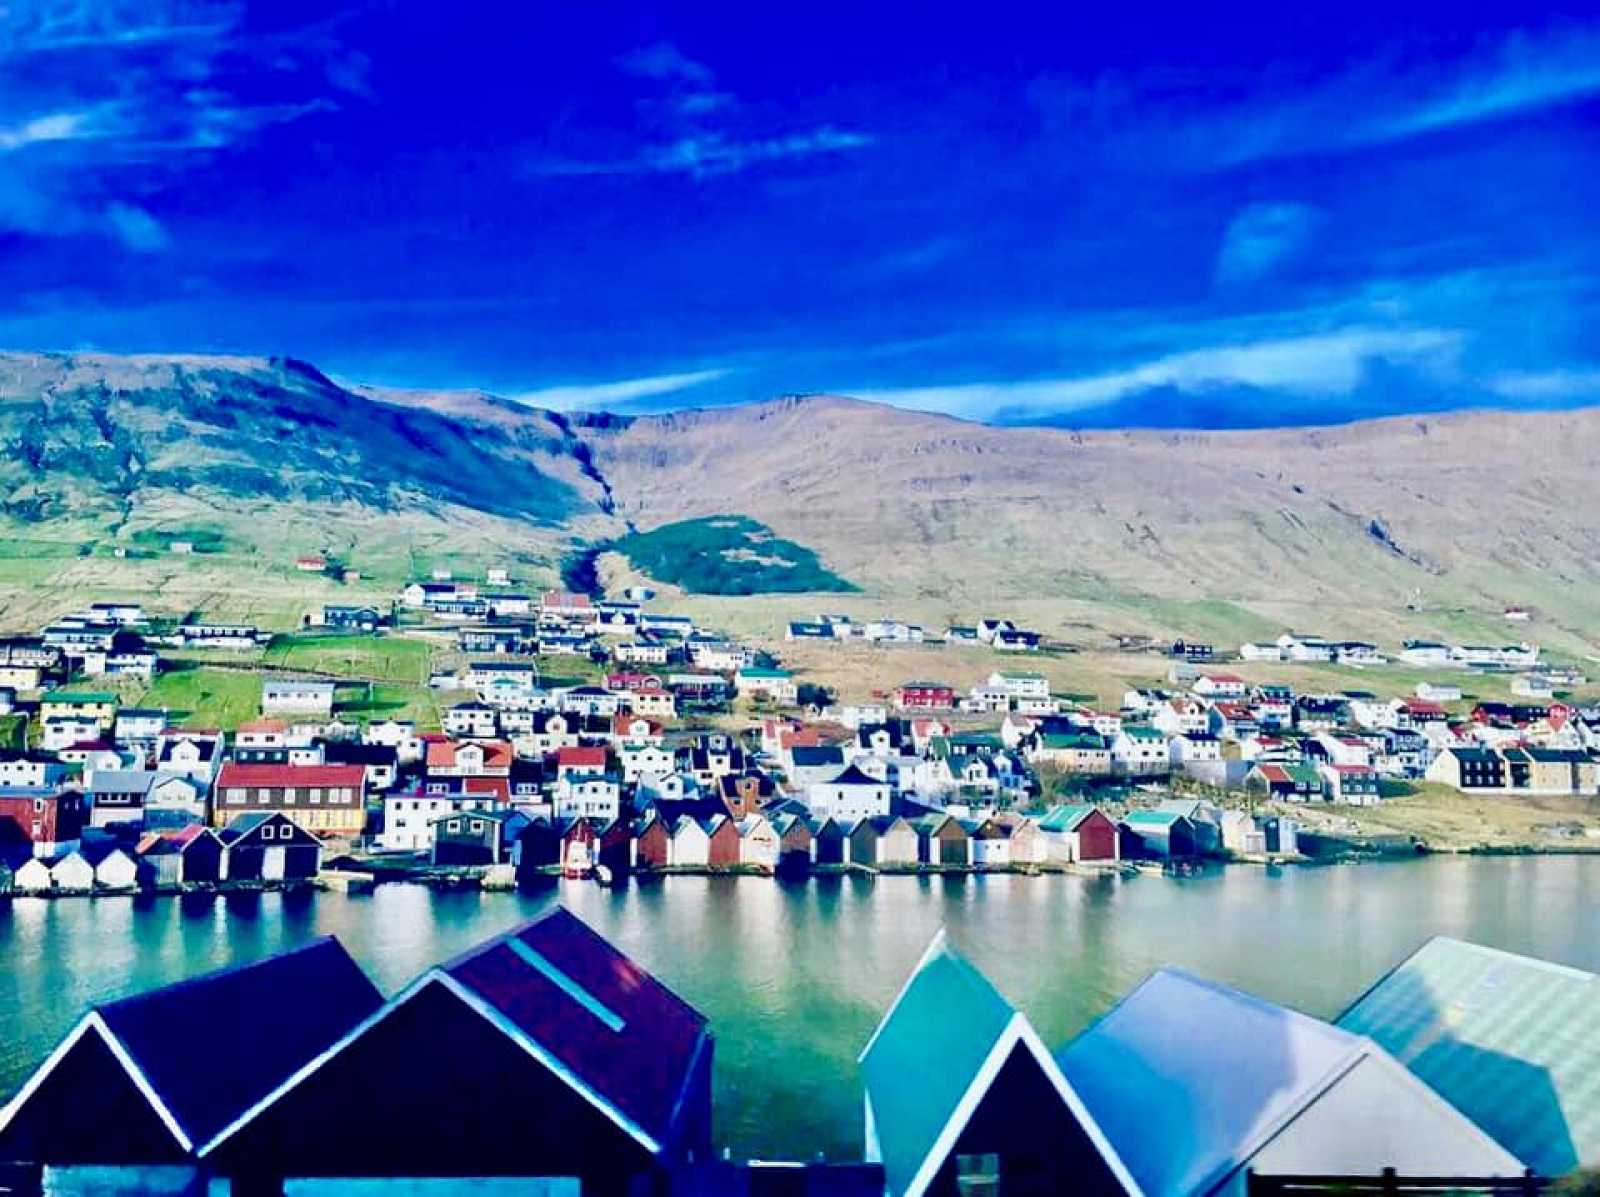 Global 5 - Islas Feroe (II): 80 años sin comprar alcohol con libertad - 05/11/20 - Escuchar ahora